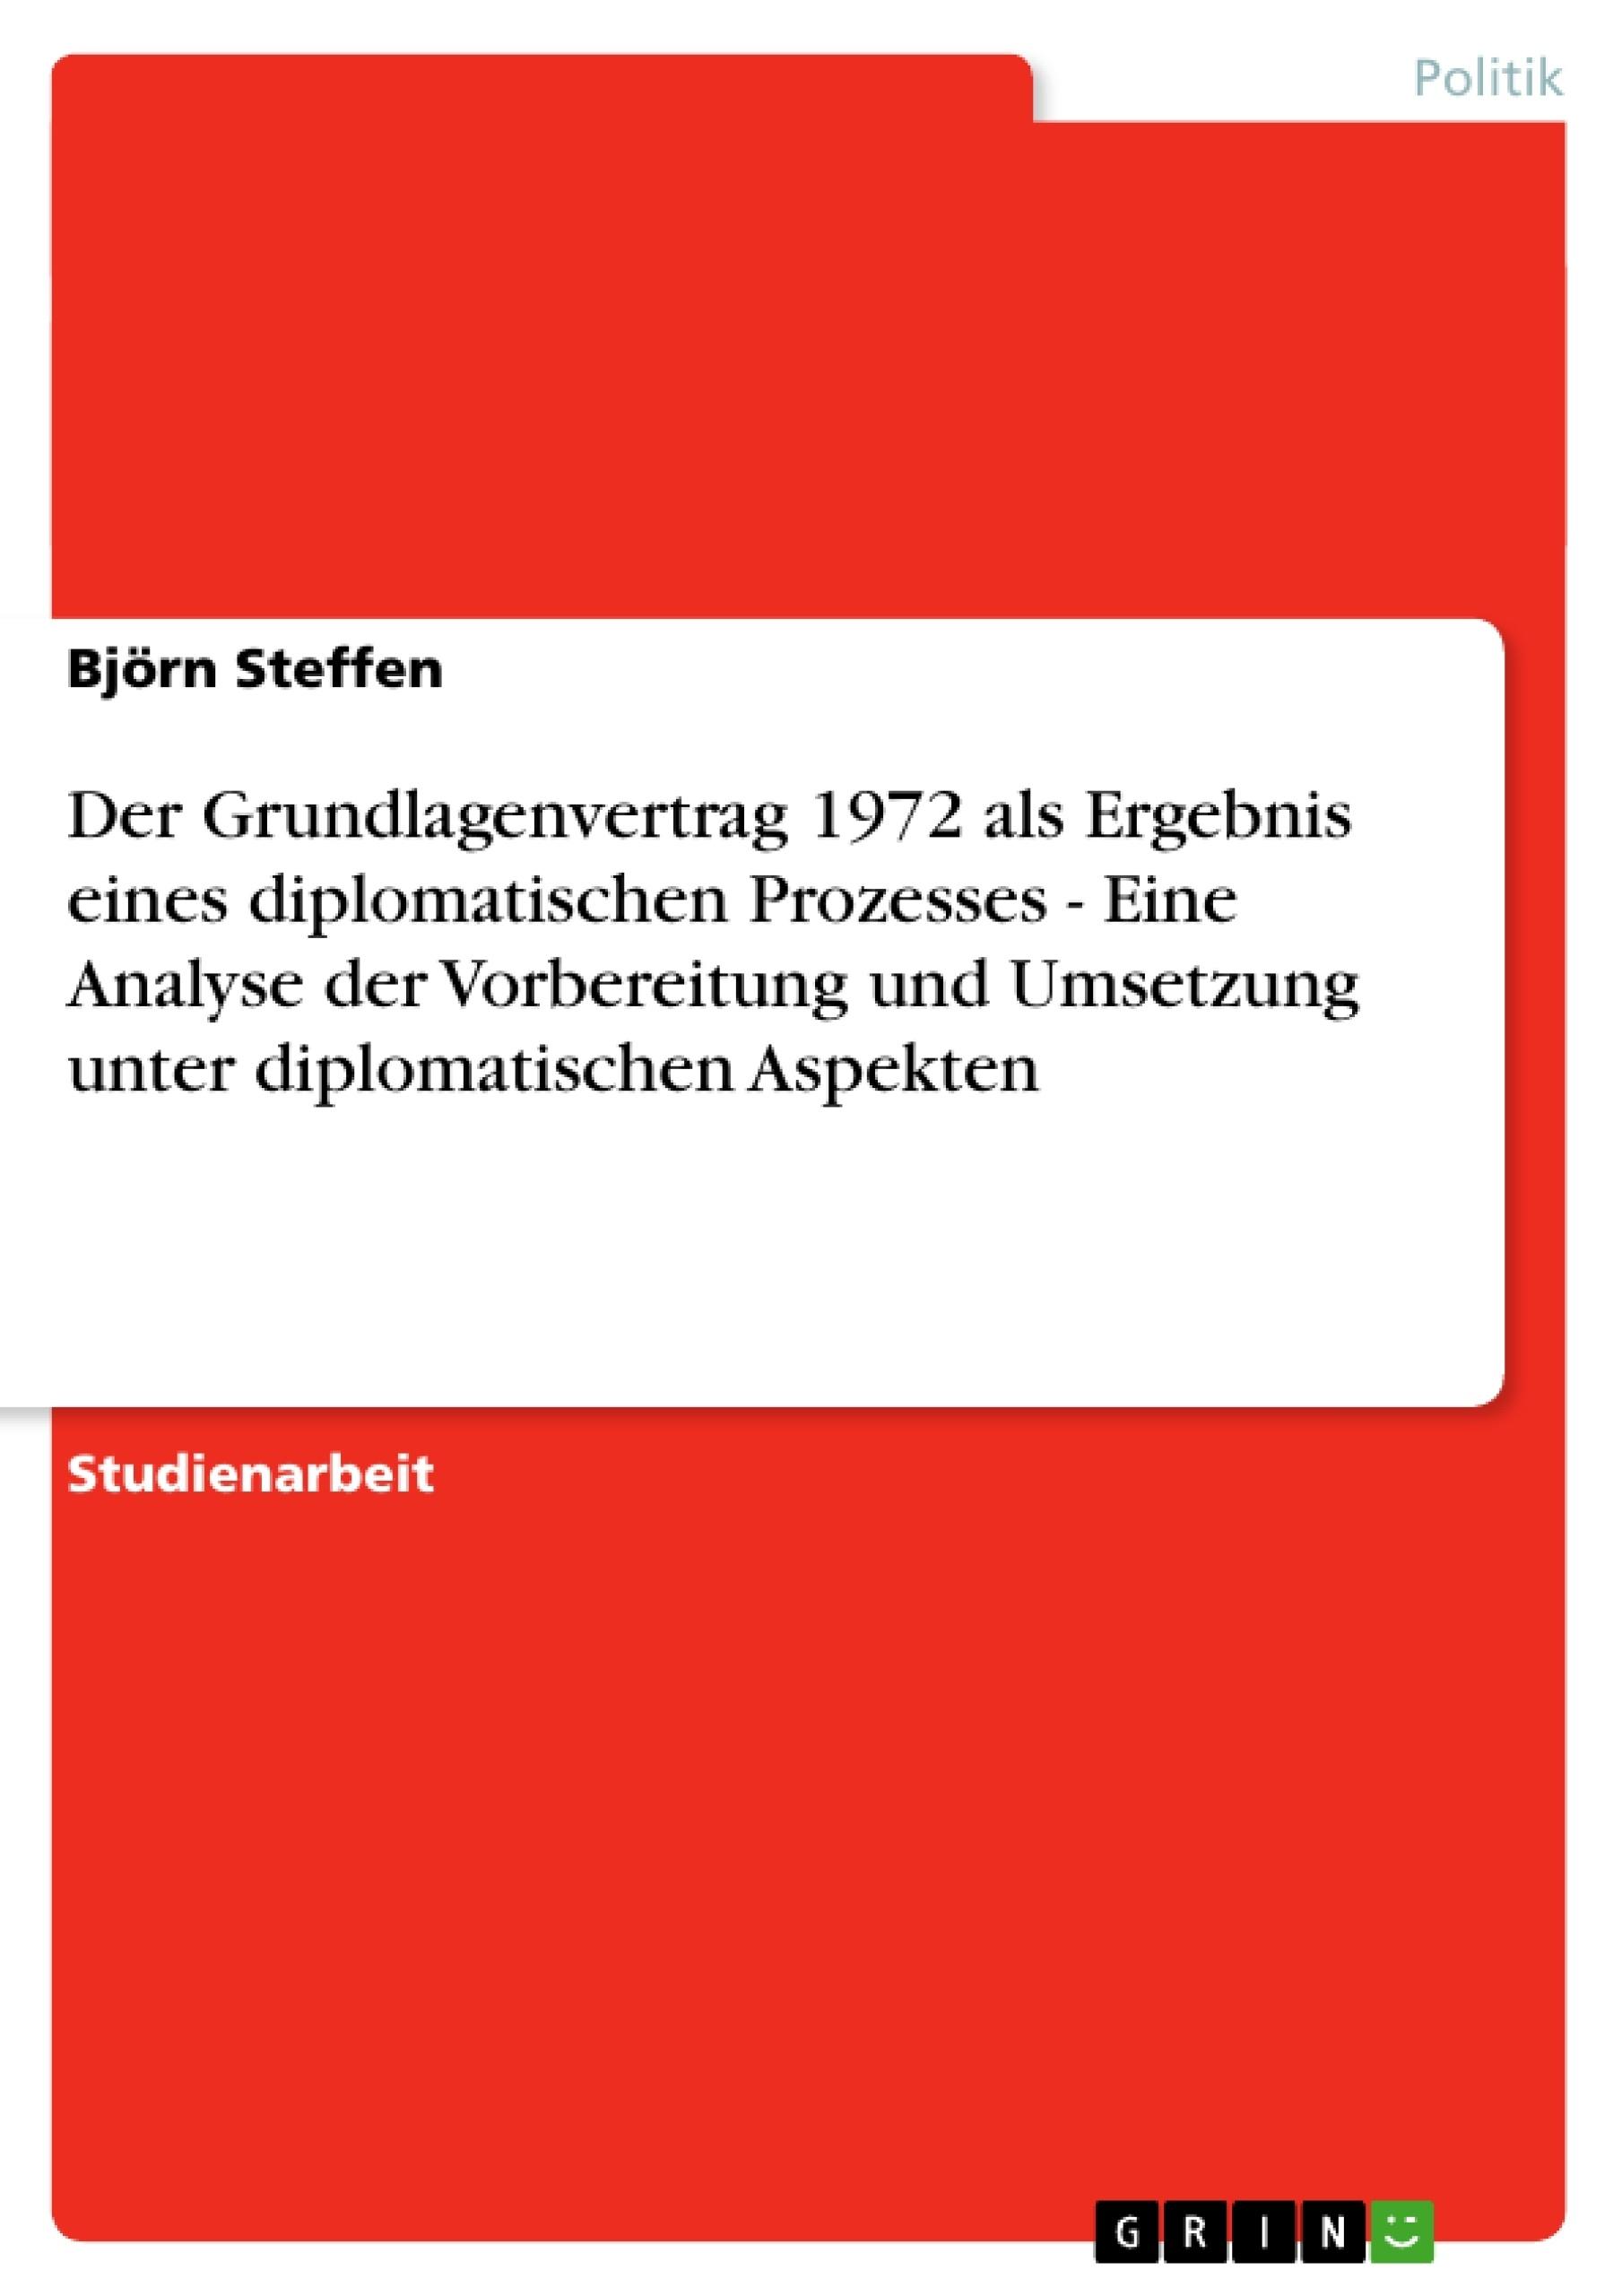 bologna prozess essay Auf dem papier liest sich der bologna-prozess gut faktisch leiden die deutschen geisteswissenschaften an  essay auf dem papier liest sich der bologna-prozess.